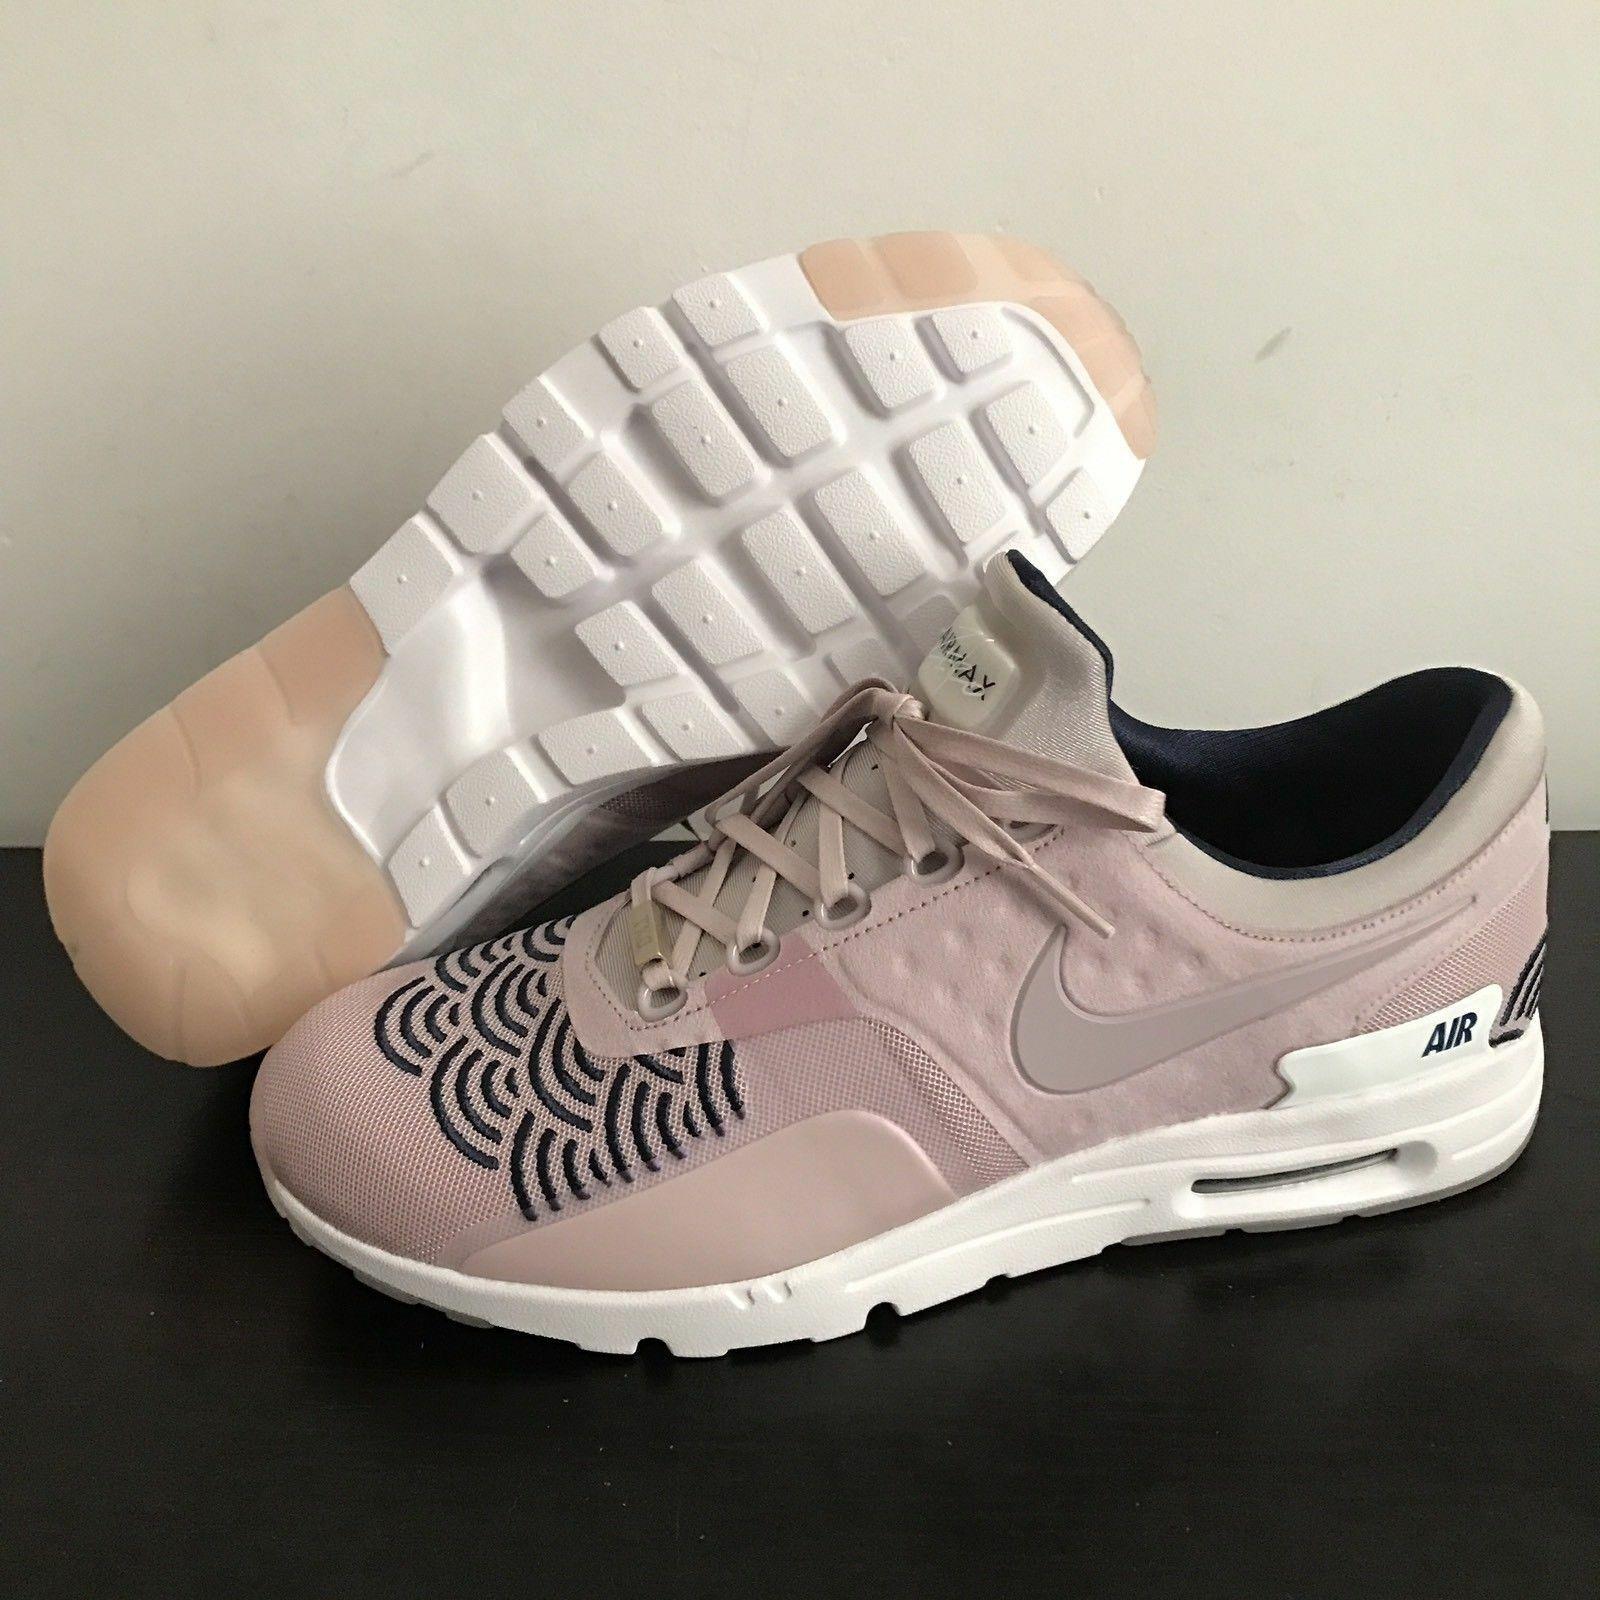 Nike Air Max Null Lotc Qs Tokyo Le Rosa Limitierte Auflage (847125-600) Sz 10 Material voll ausnutzen